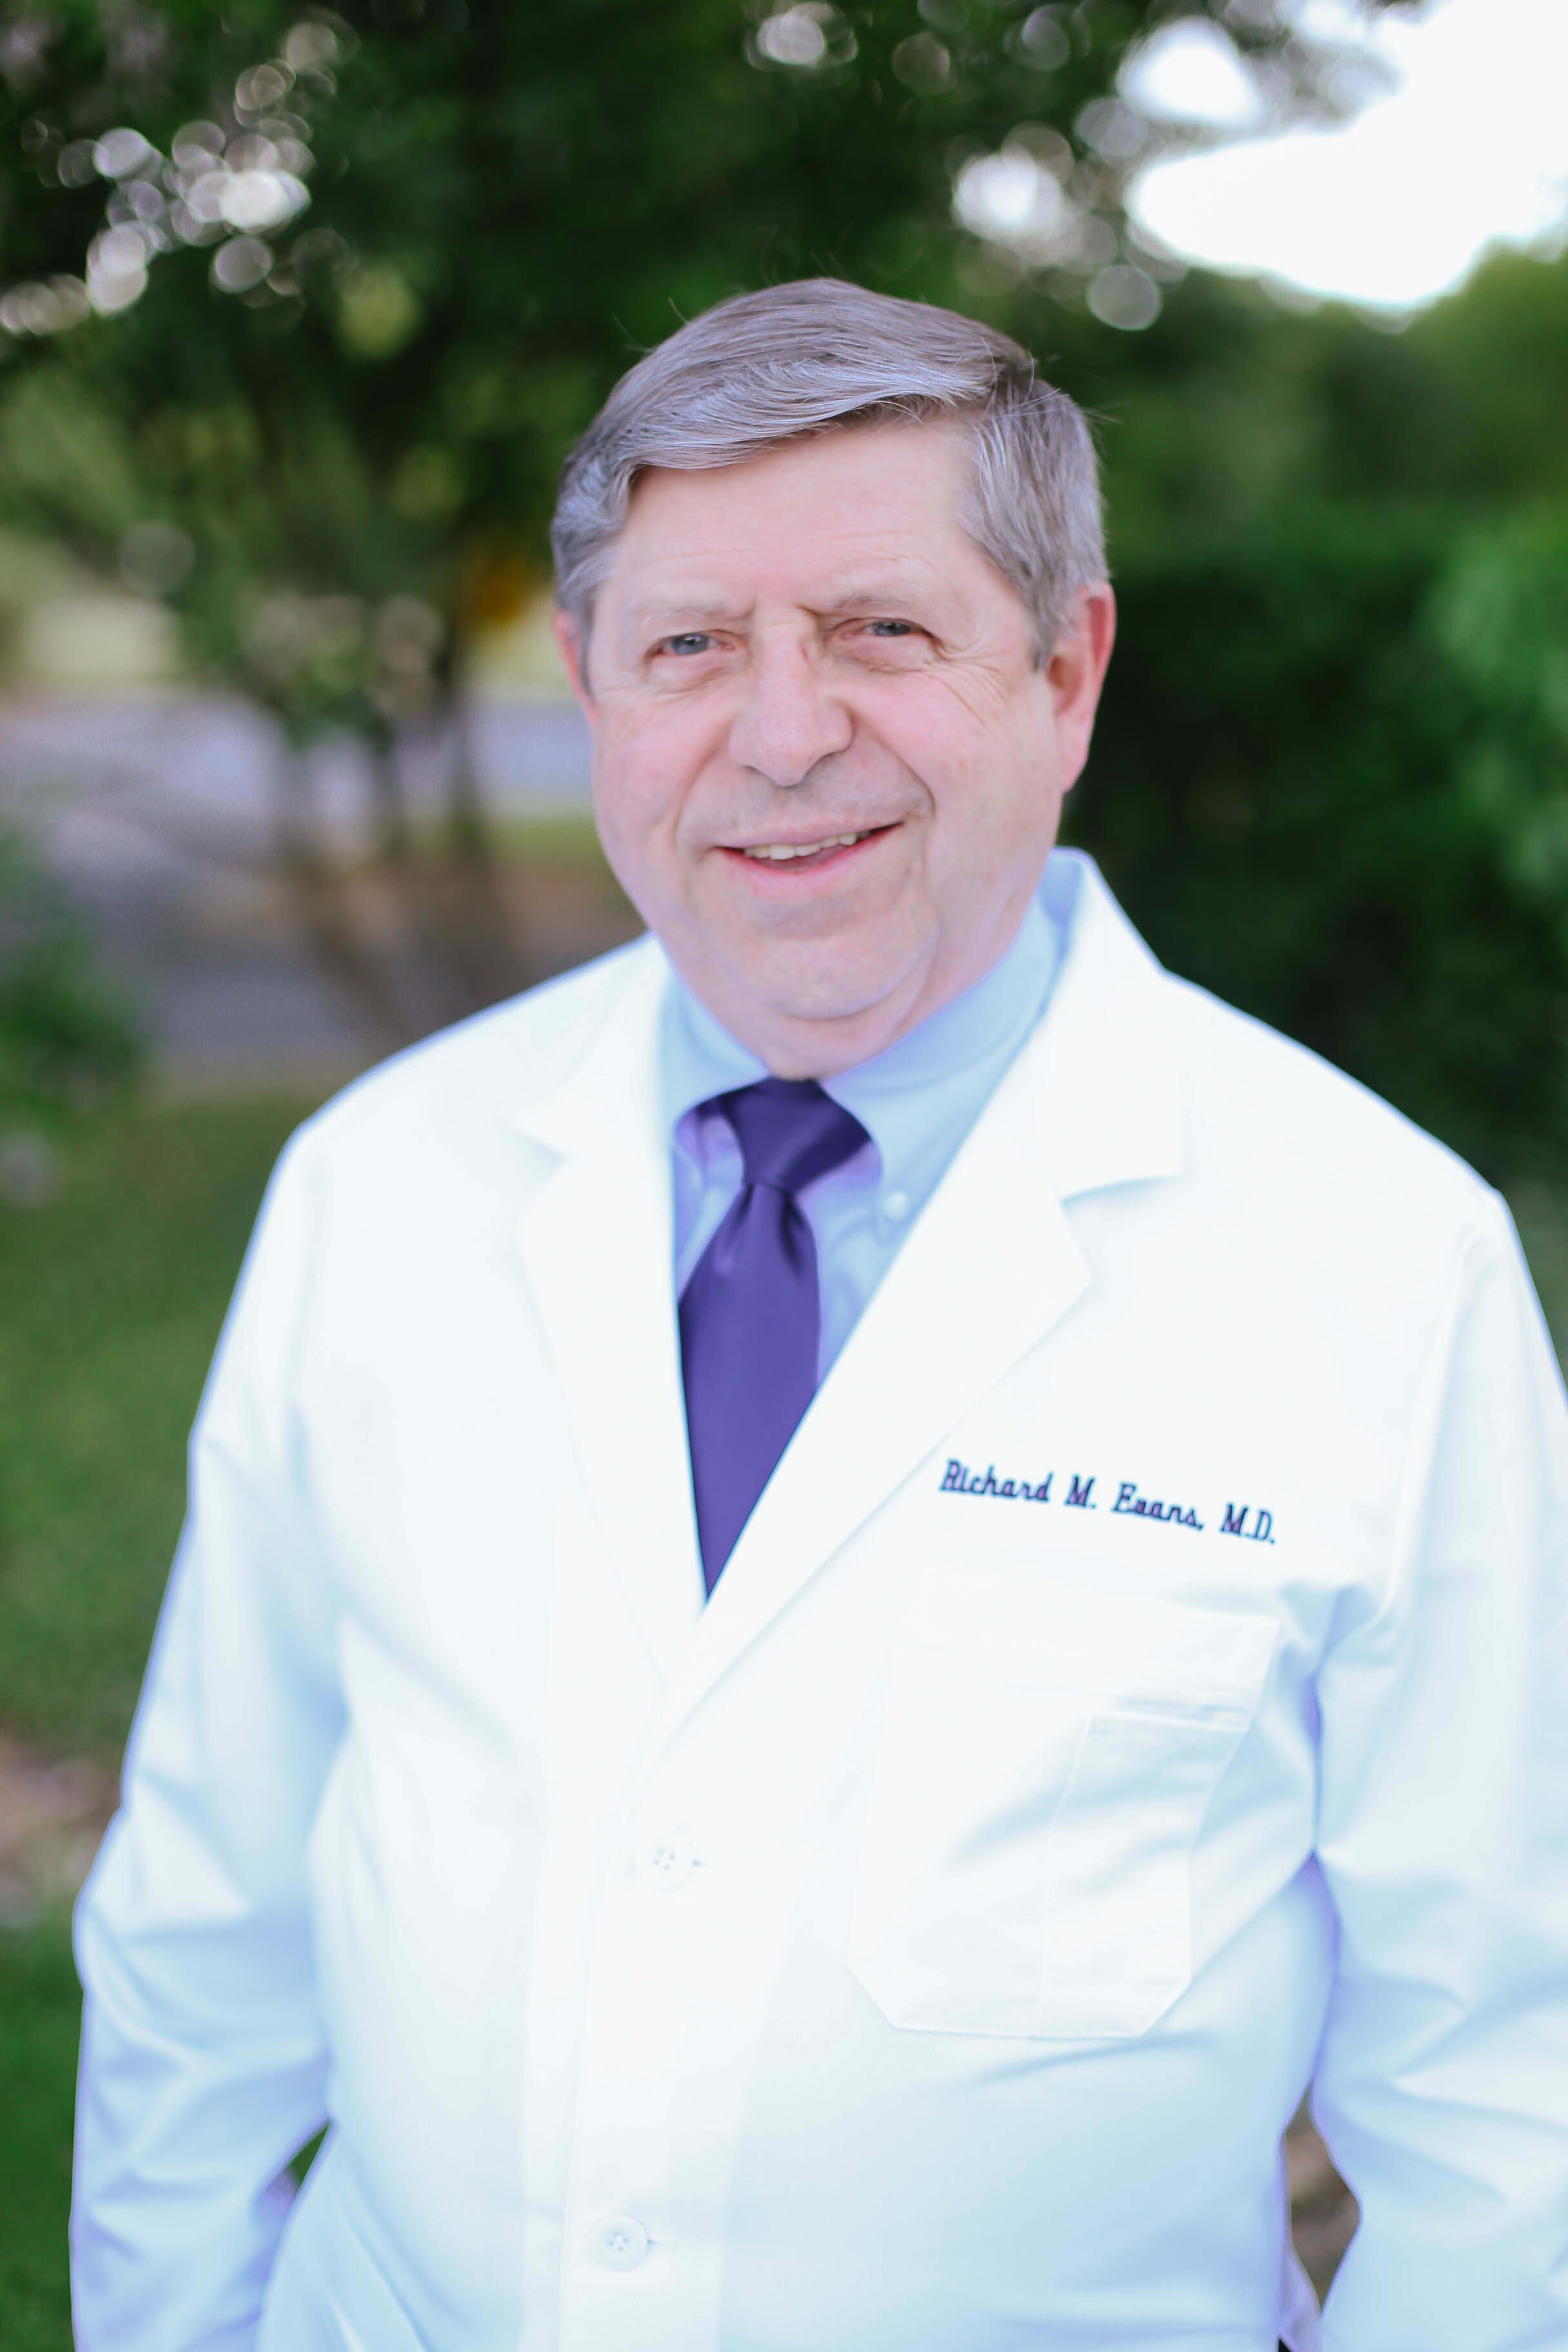 Dr. Richard M Evans MD